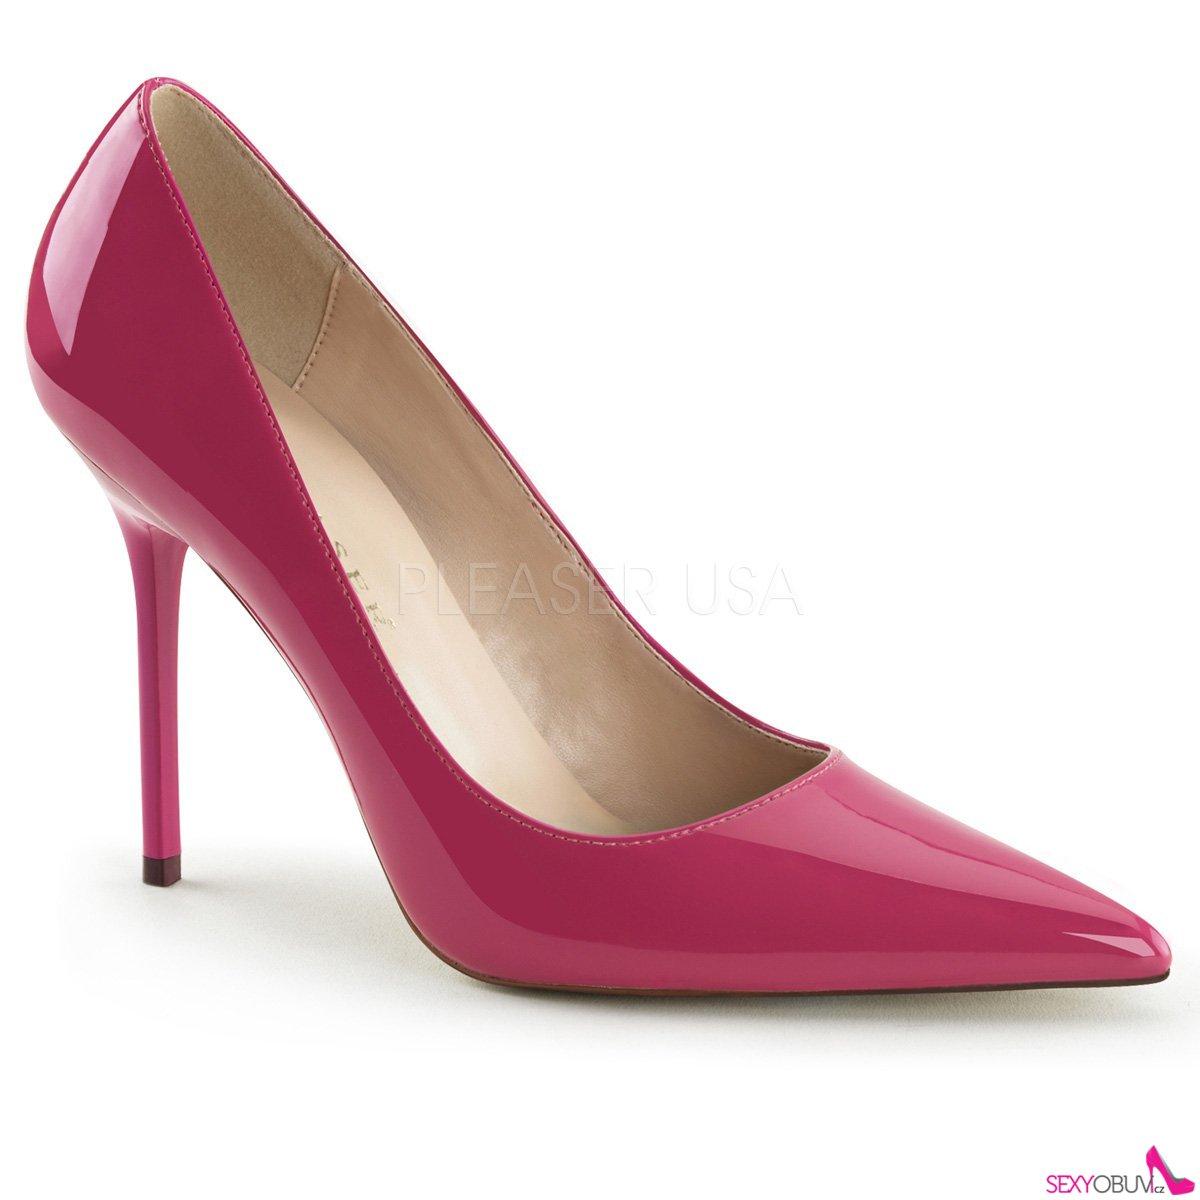 CLASSIQUE-20 Klasické tmavě růžové dámské lodičky na podpatku 1b78d9c6fc